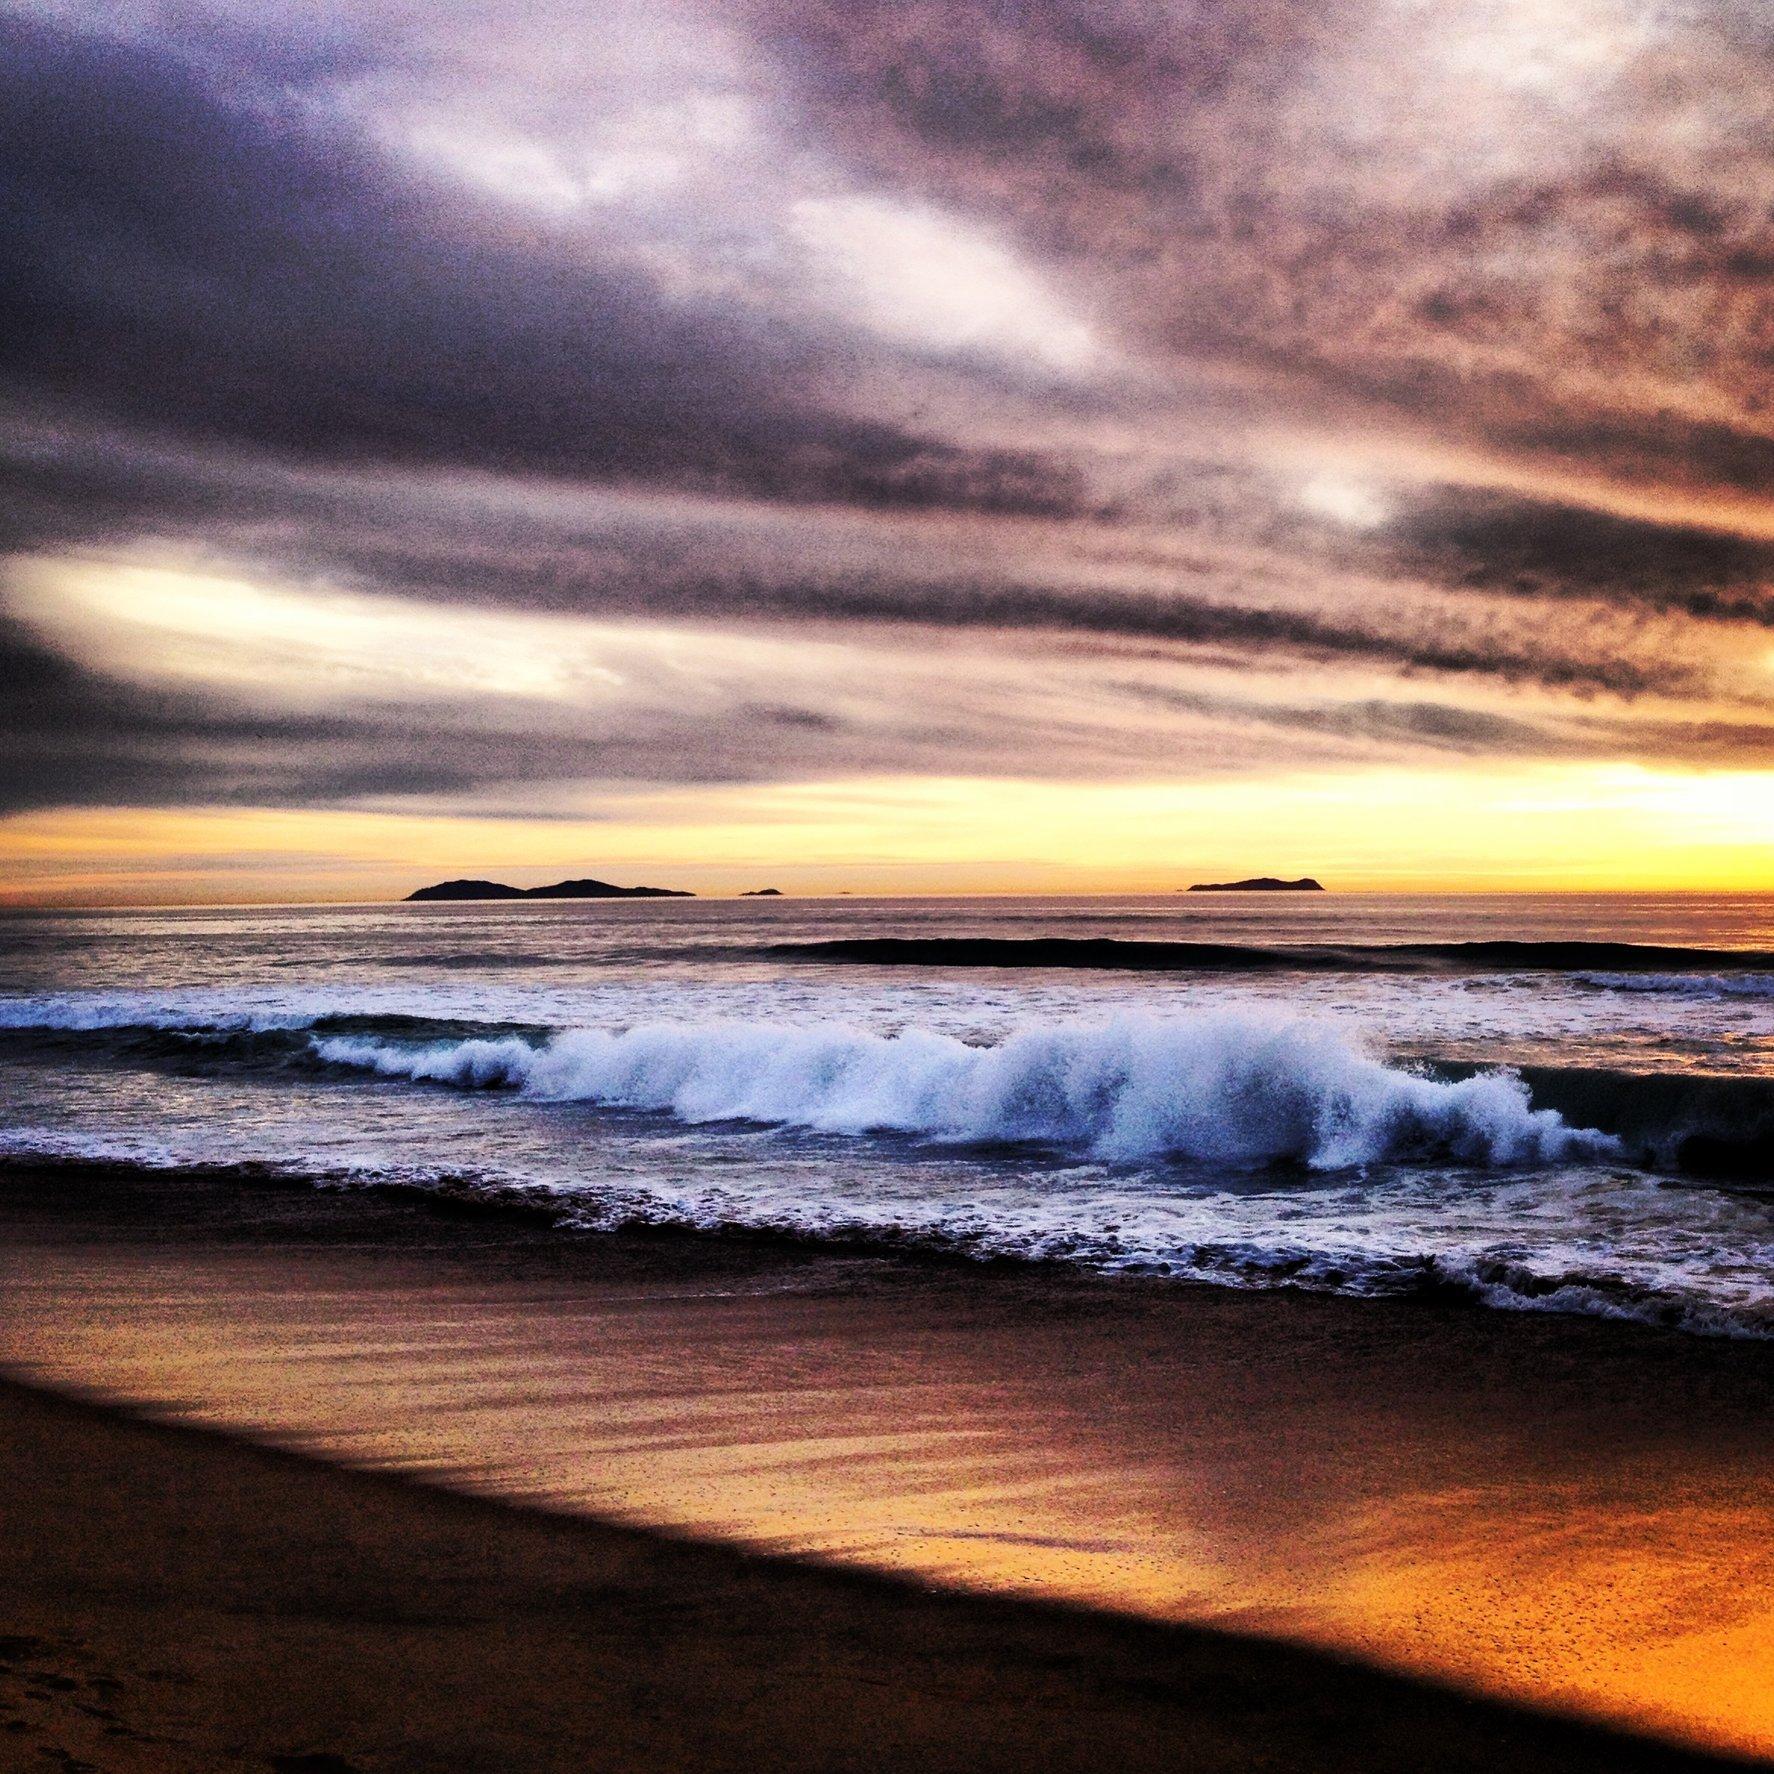 IMPERIEAL BEACH, SAN DIEGO, CA